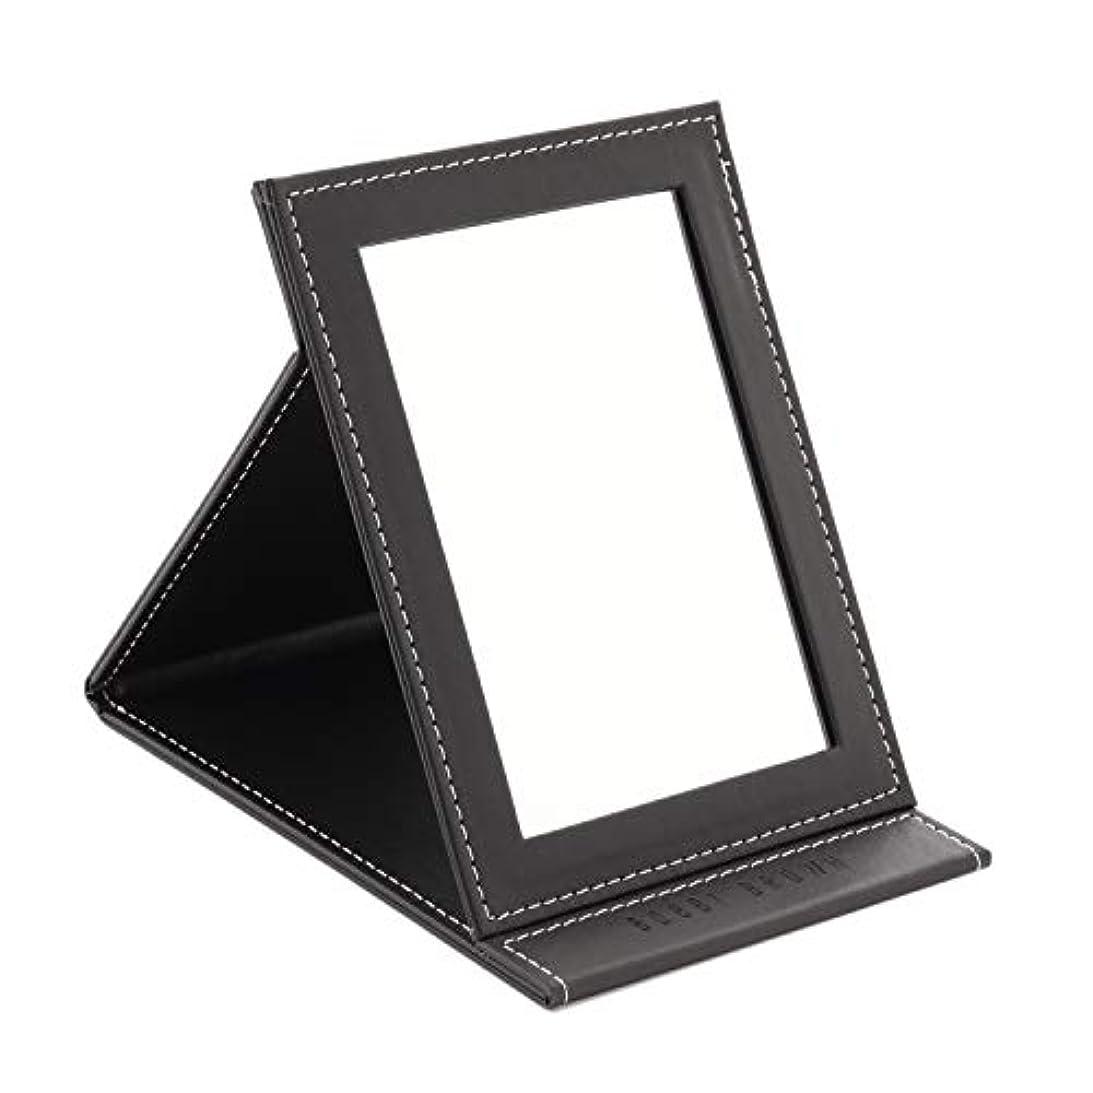 テーブルを設定する黙認する軽減[スプレンノ] 折り畳みミラー 化粧鏡 スタンドミラー 角度調整 自由自在 外装PUレザー仕上げ (M)